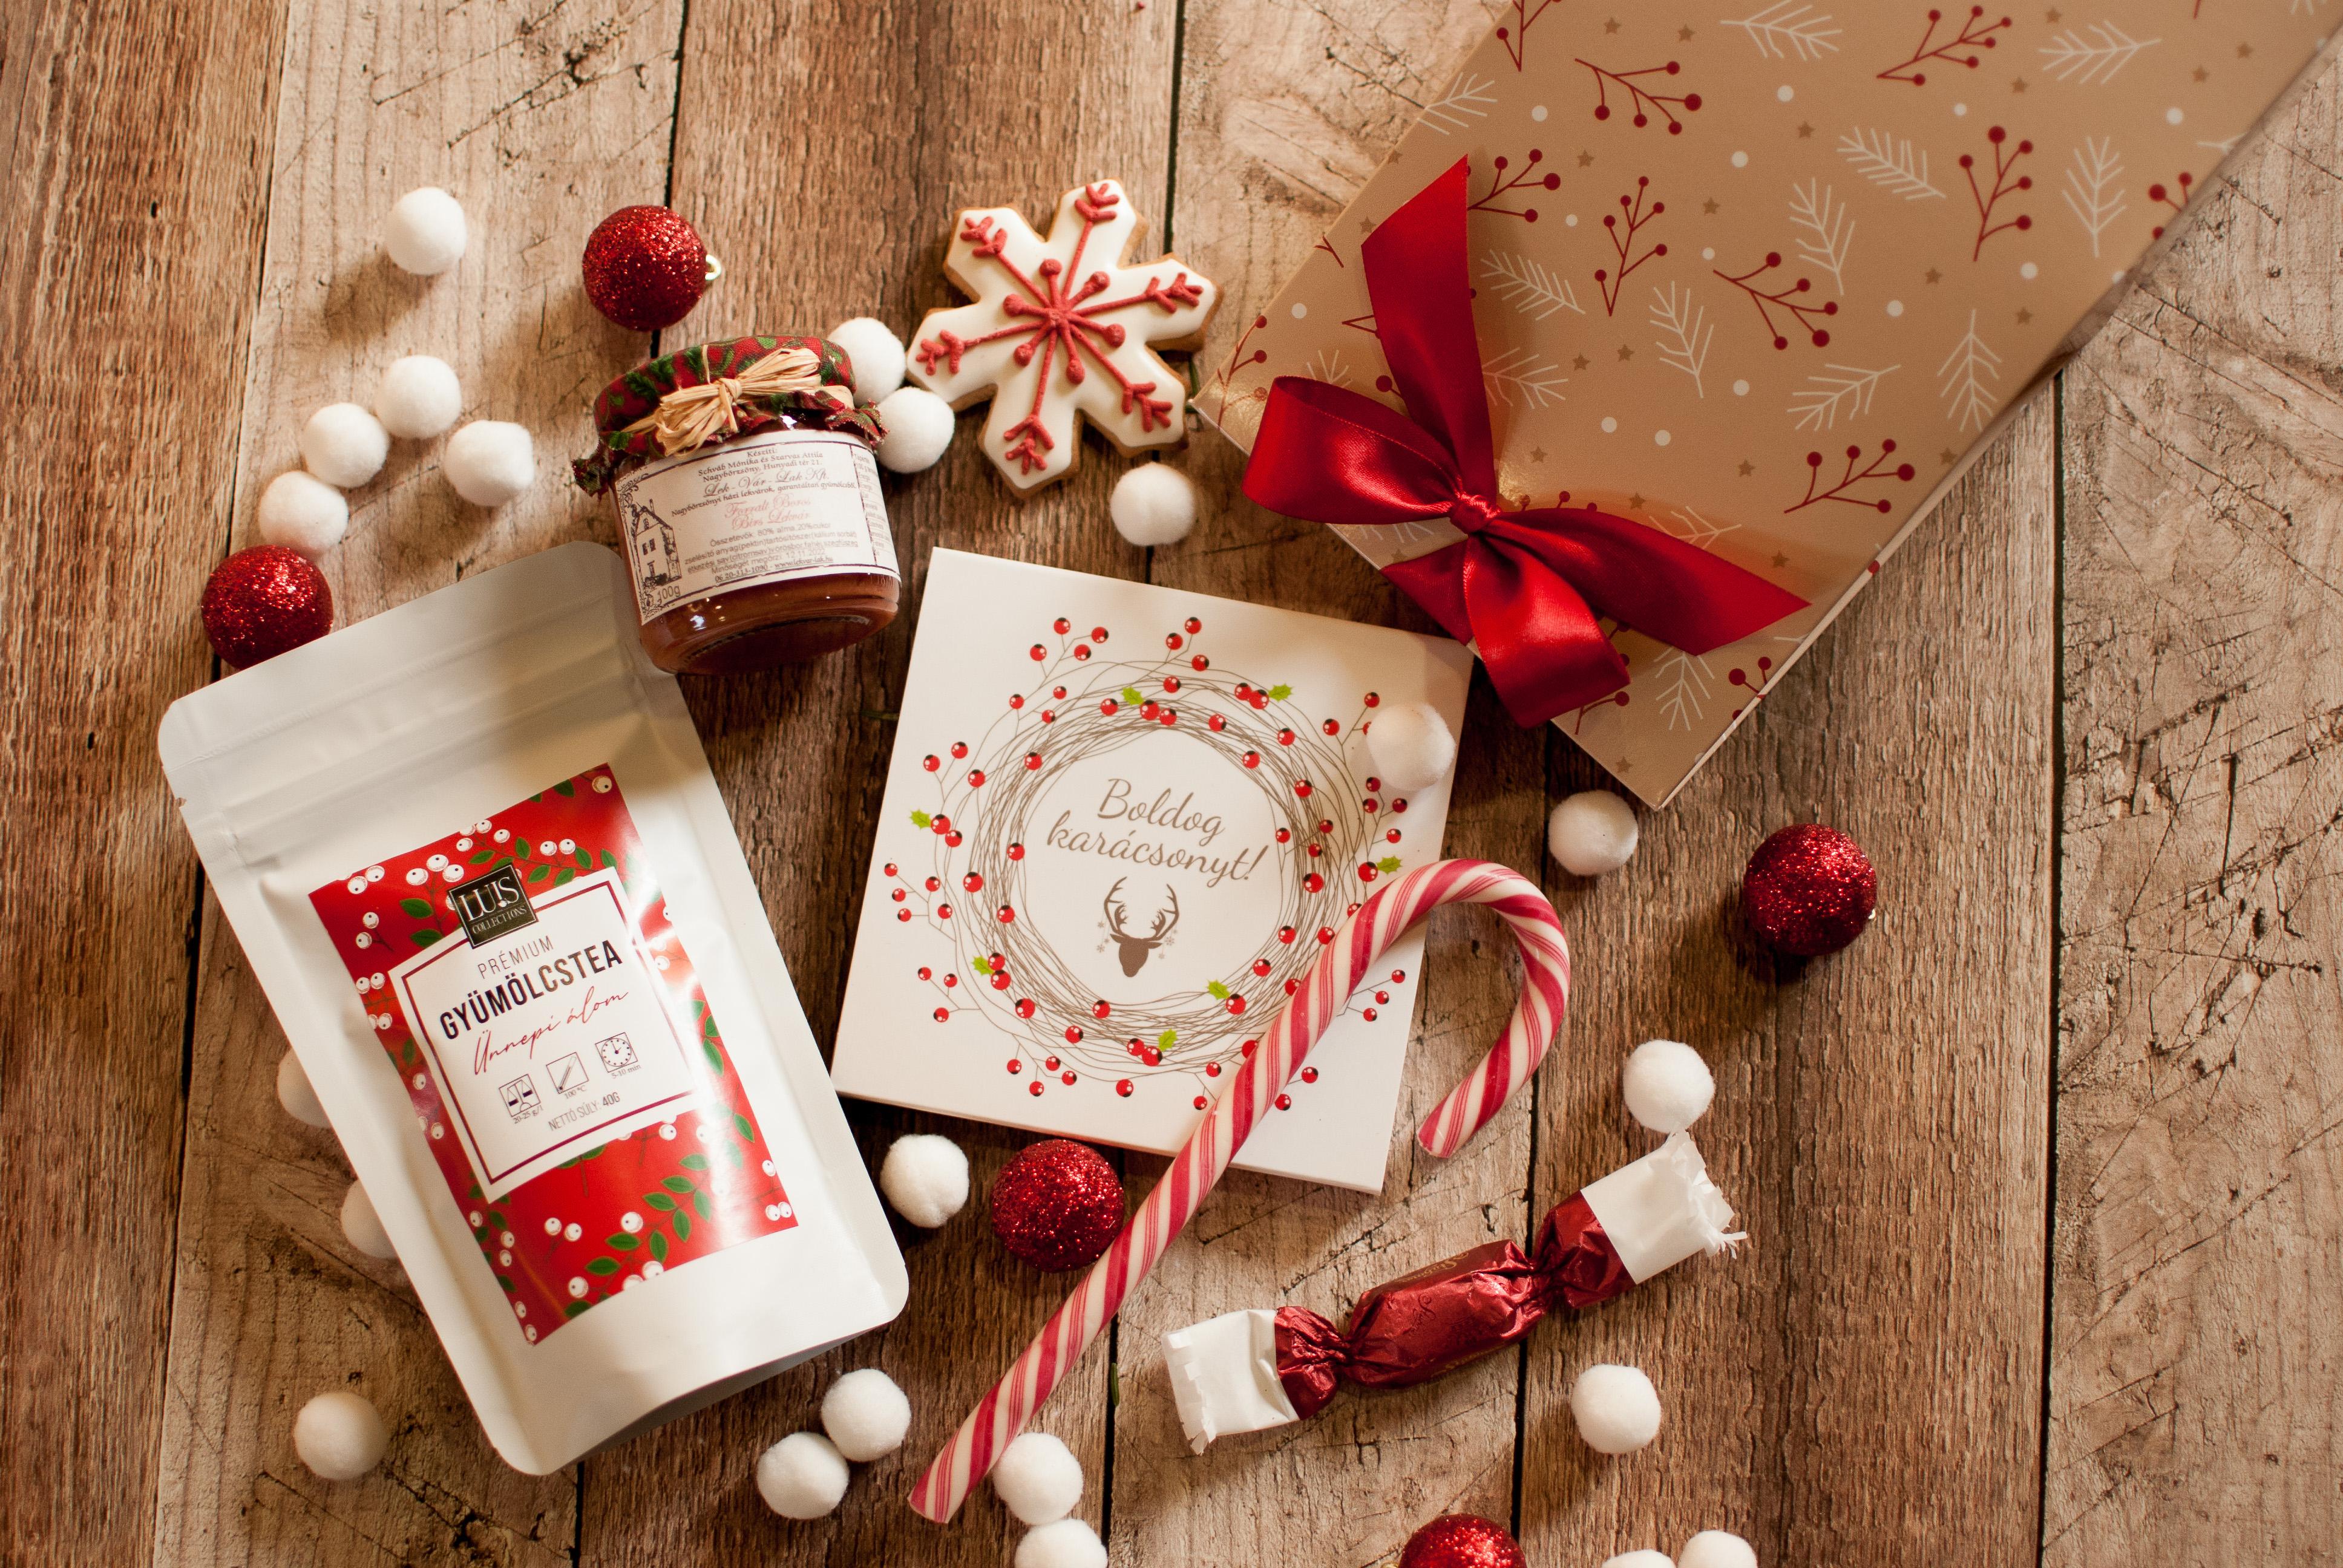 Karácsonyi hangulatú ajándékcsomagok